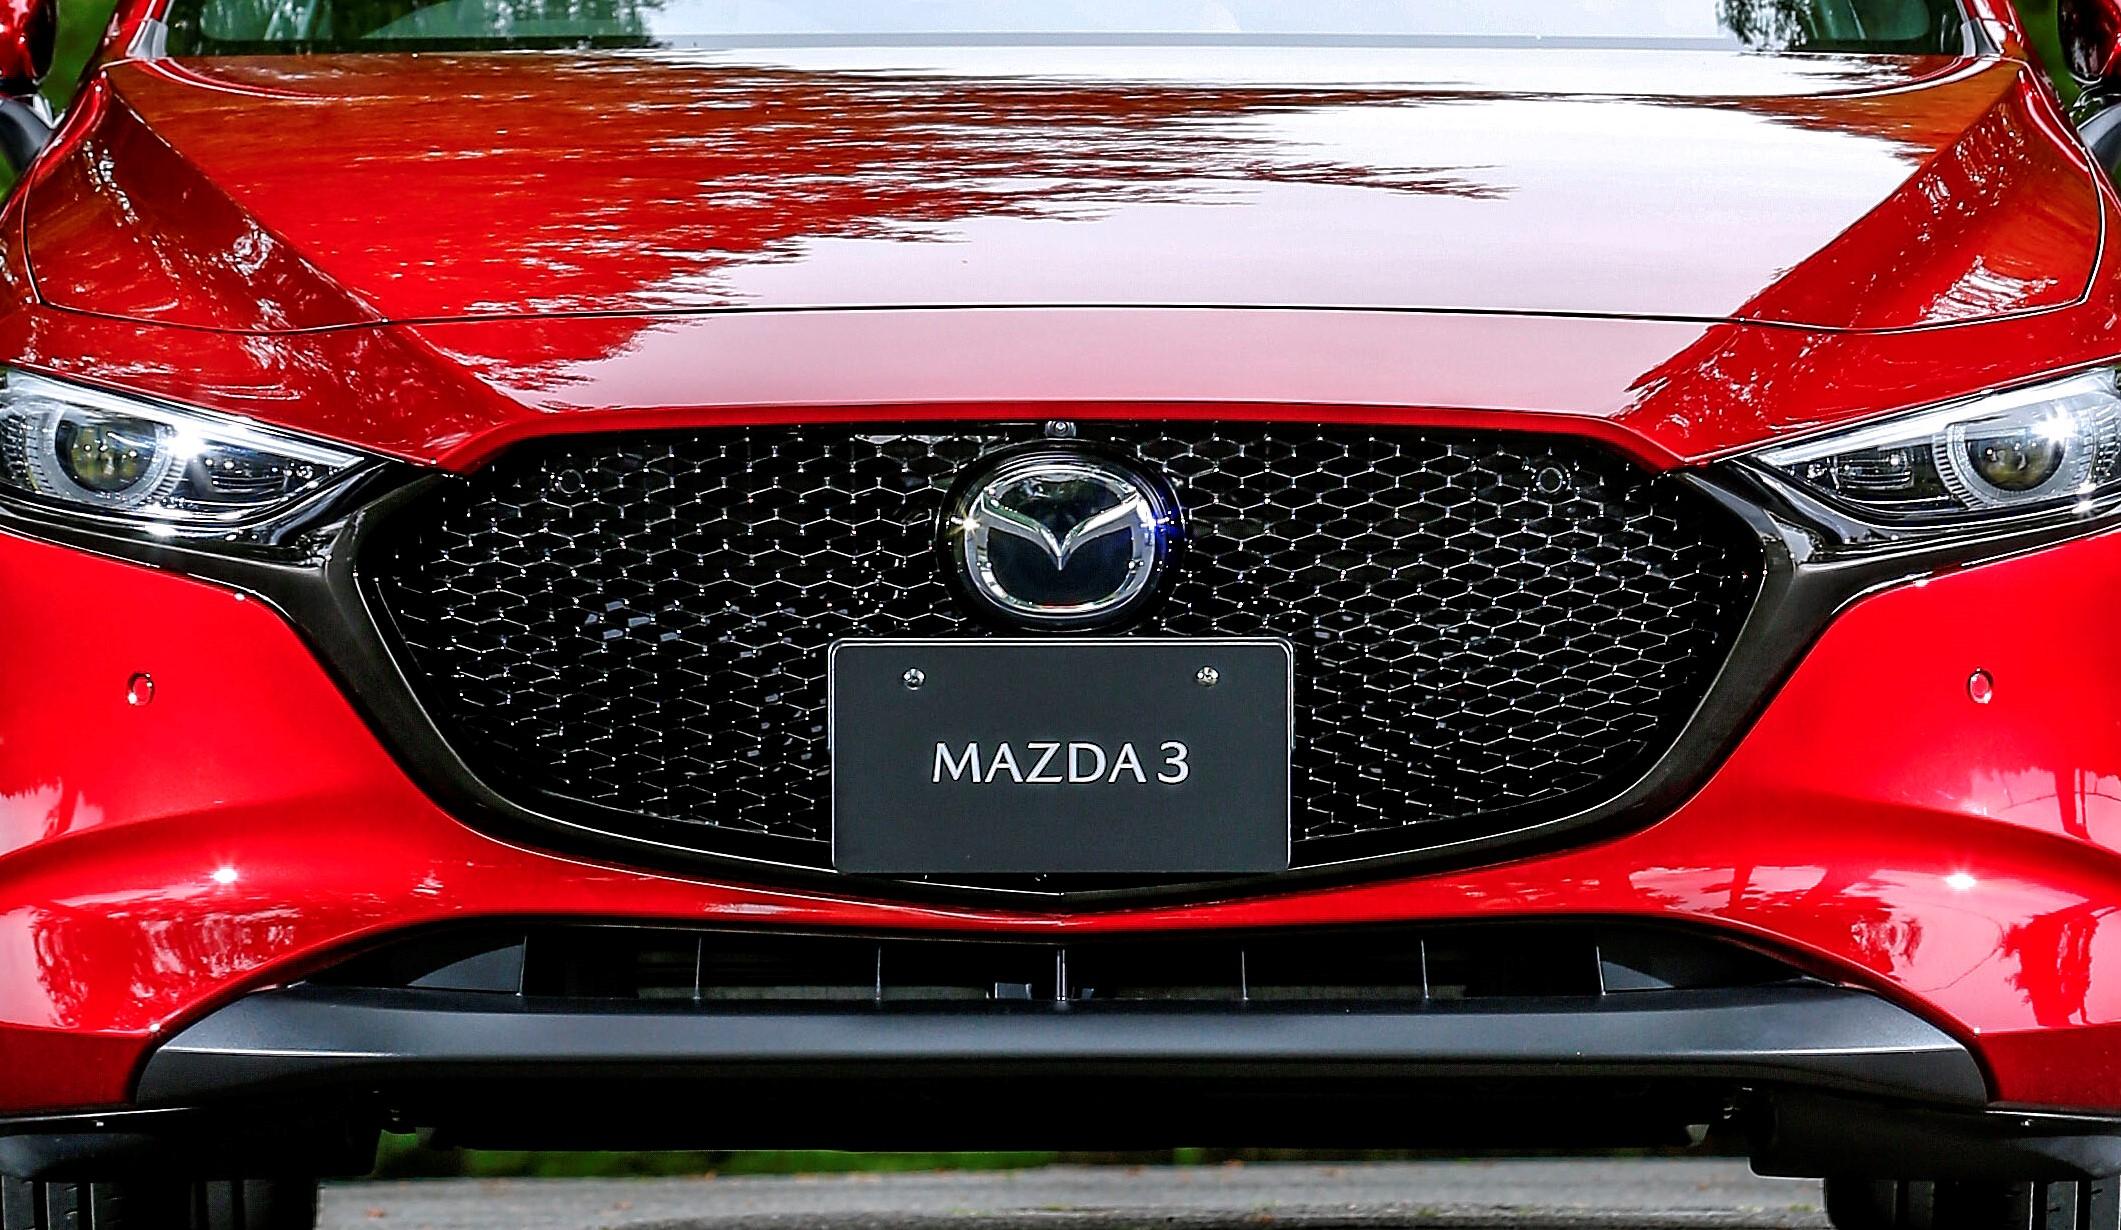 【新生マツダのシンボル2車種に暗雲!? 光明!??】マツダ3&CX-30の評価と課題